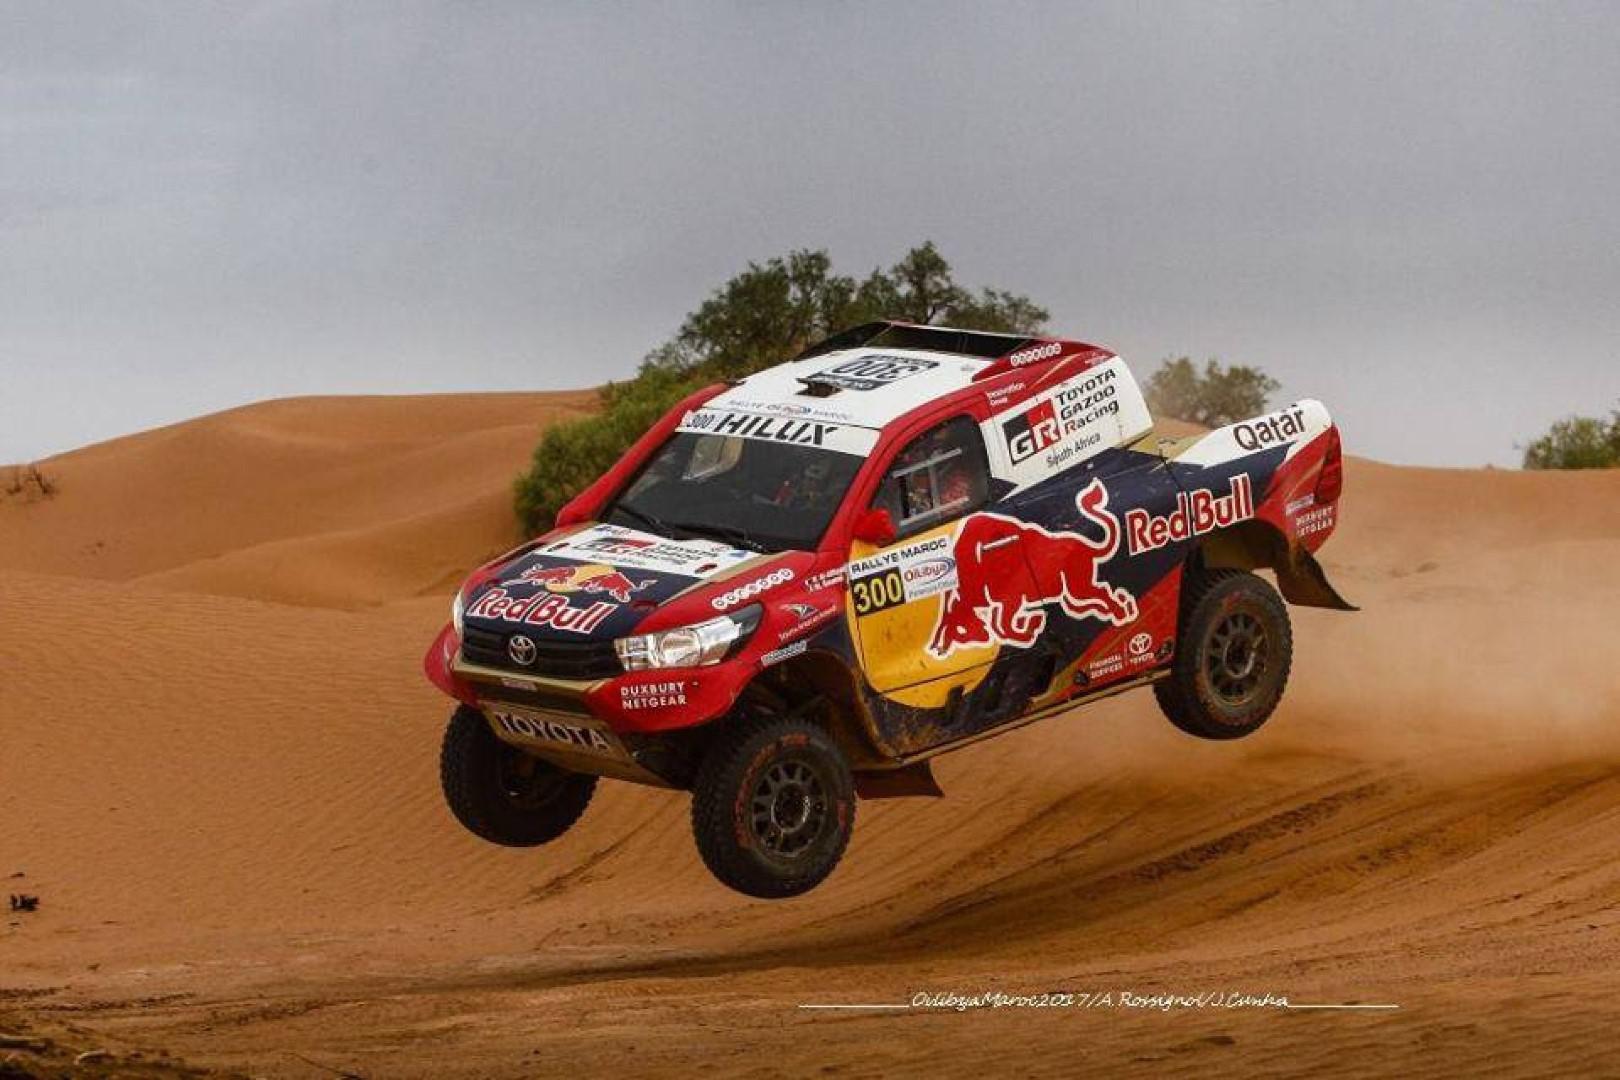 La FIA officialise le calendrier 2018, le Rallye Oilibya du Maroc pour le 7 Octobre prochain.